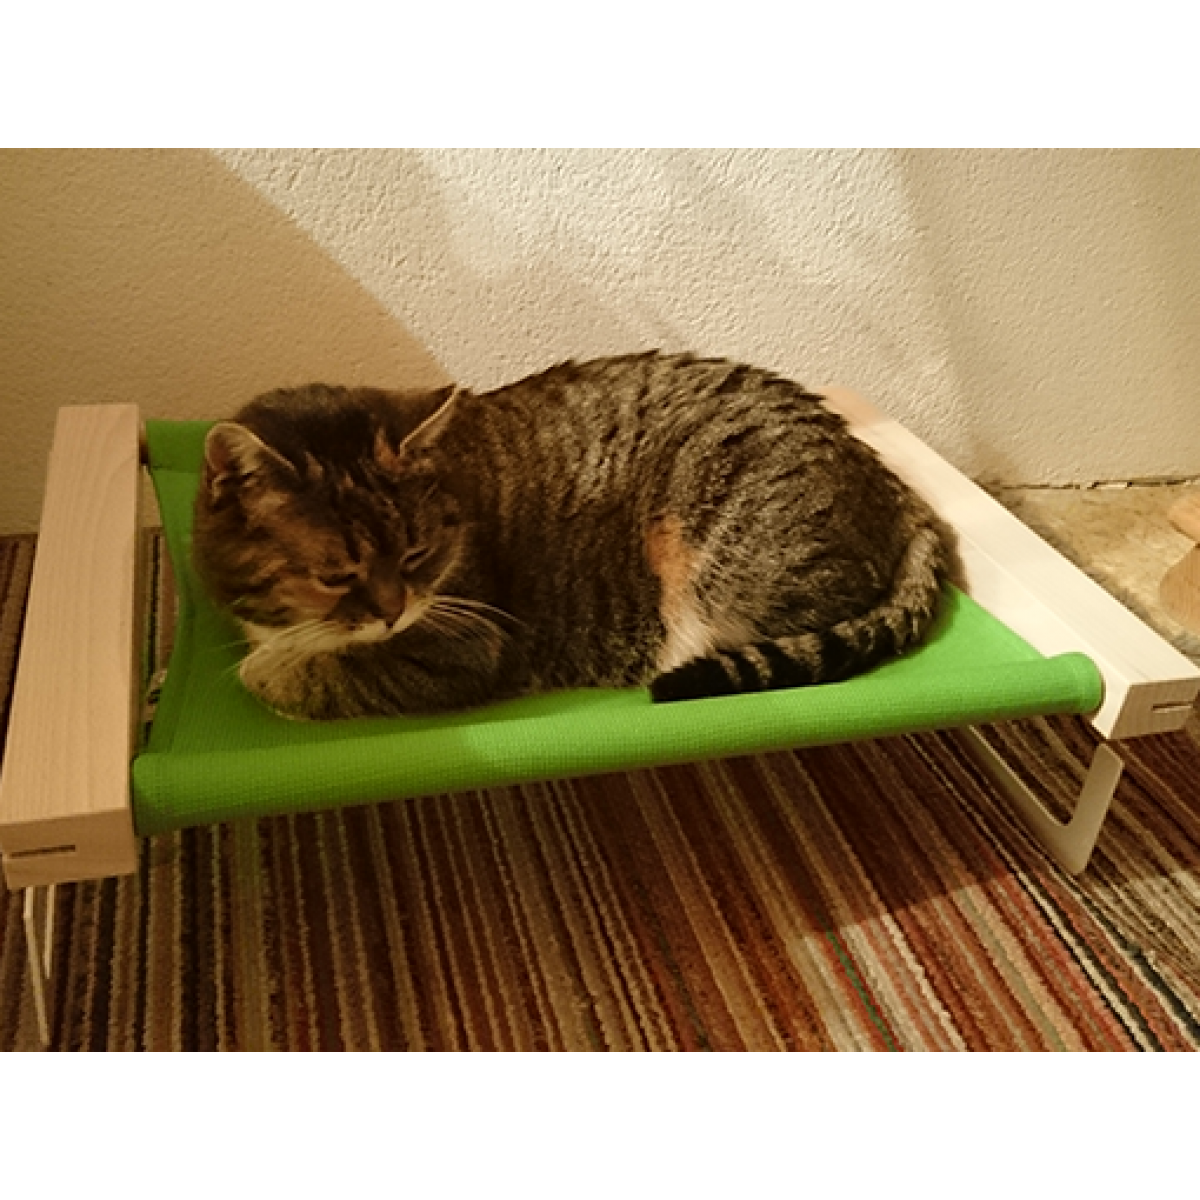 Katzenhängematte | Grün